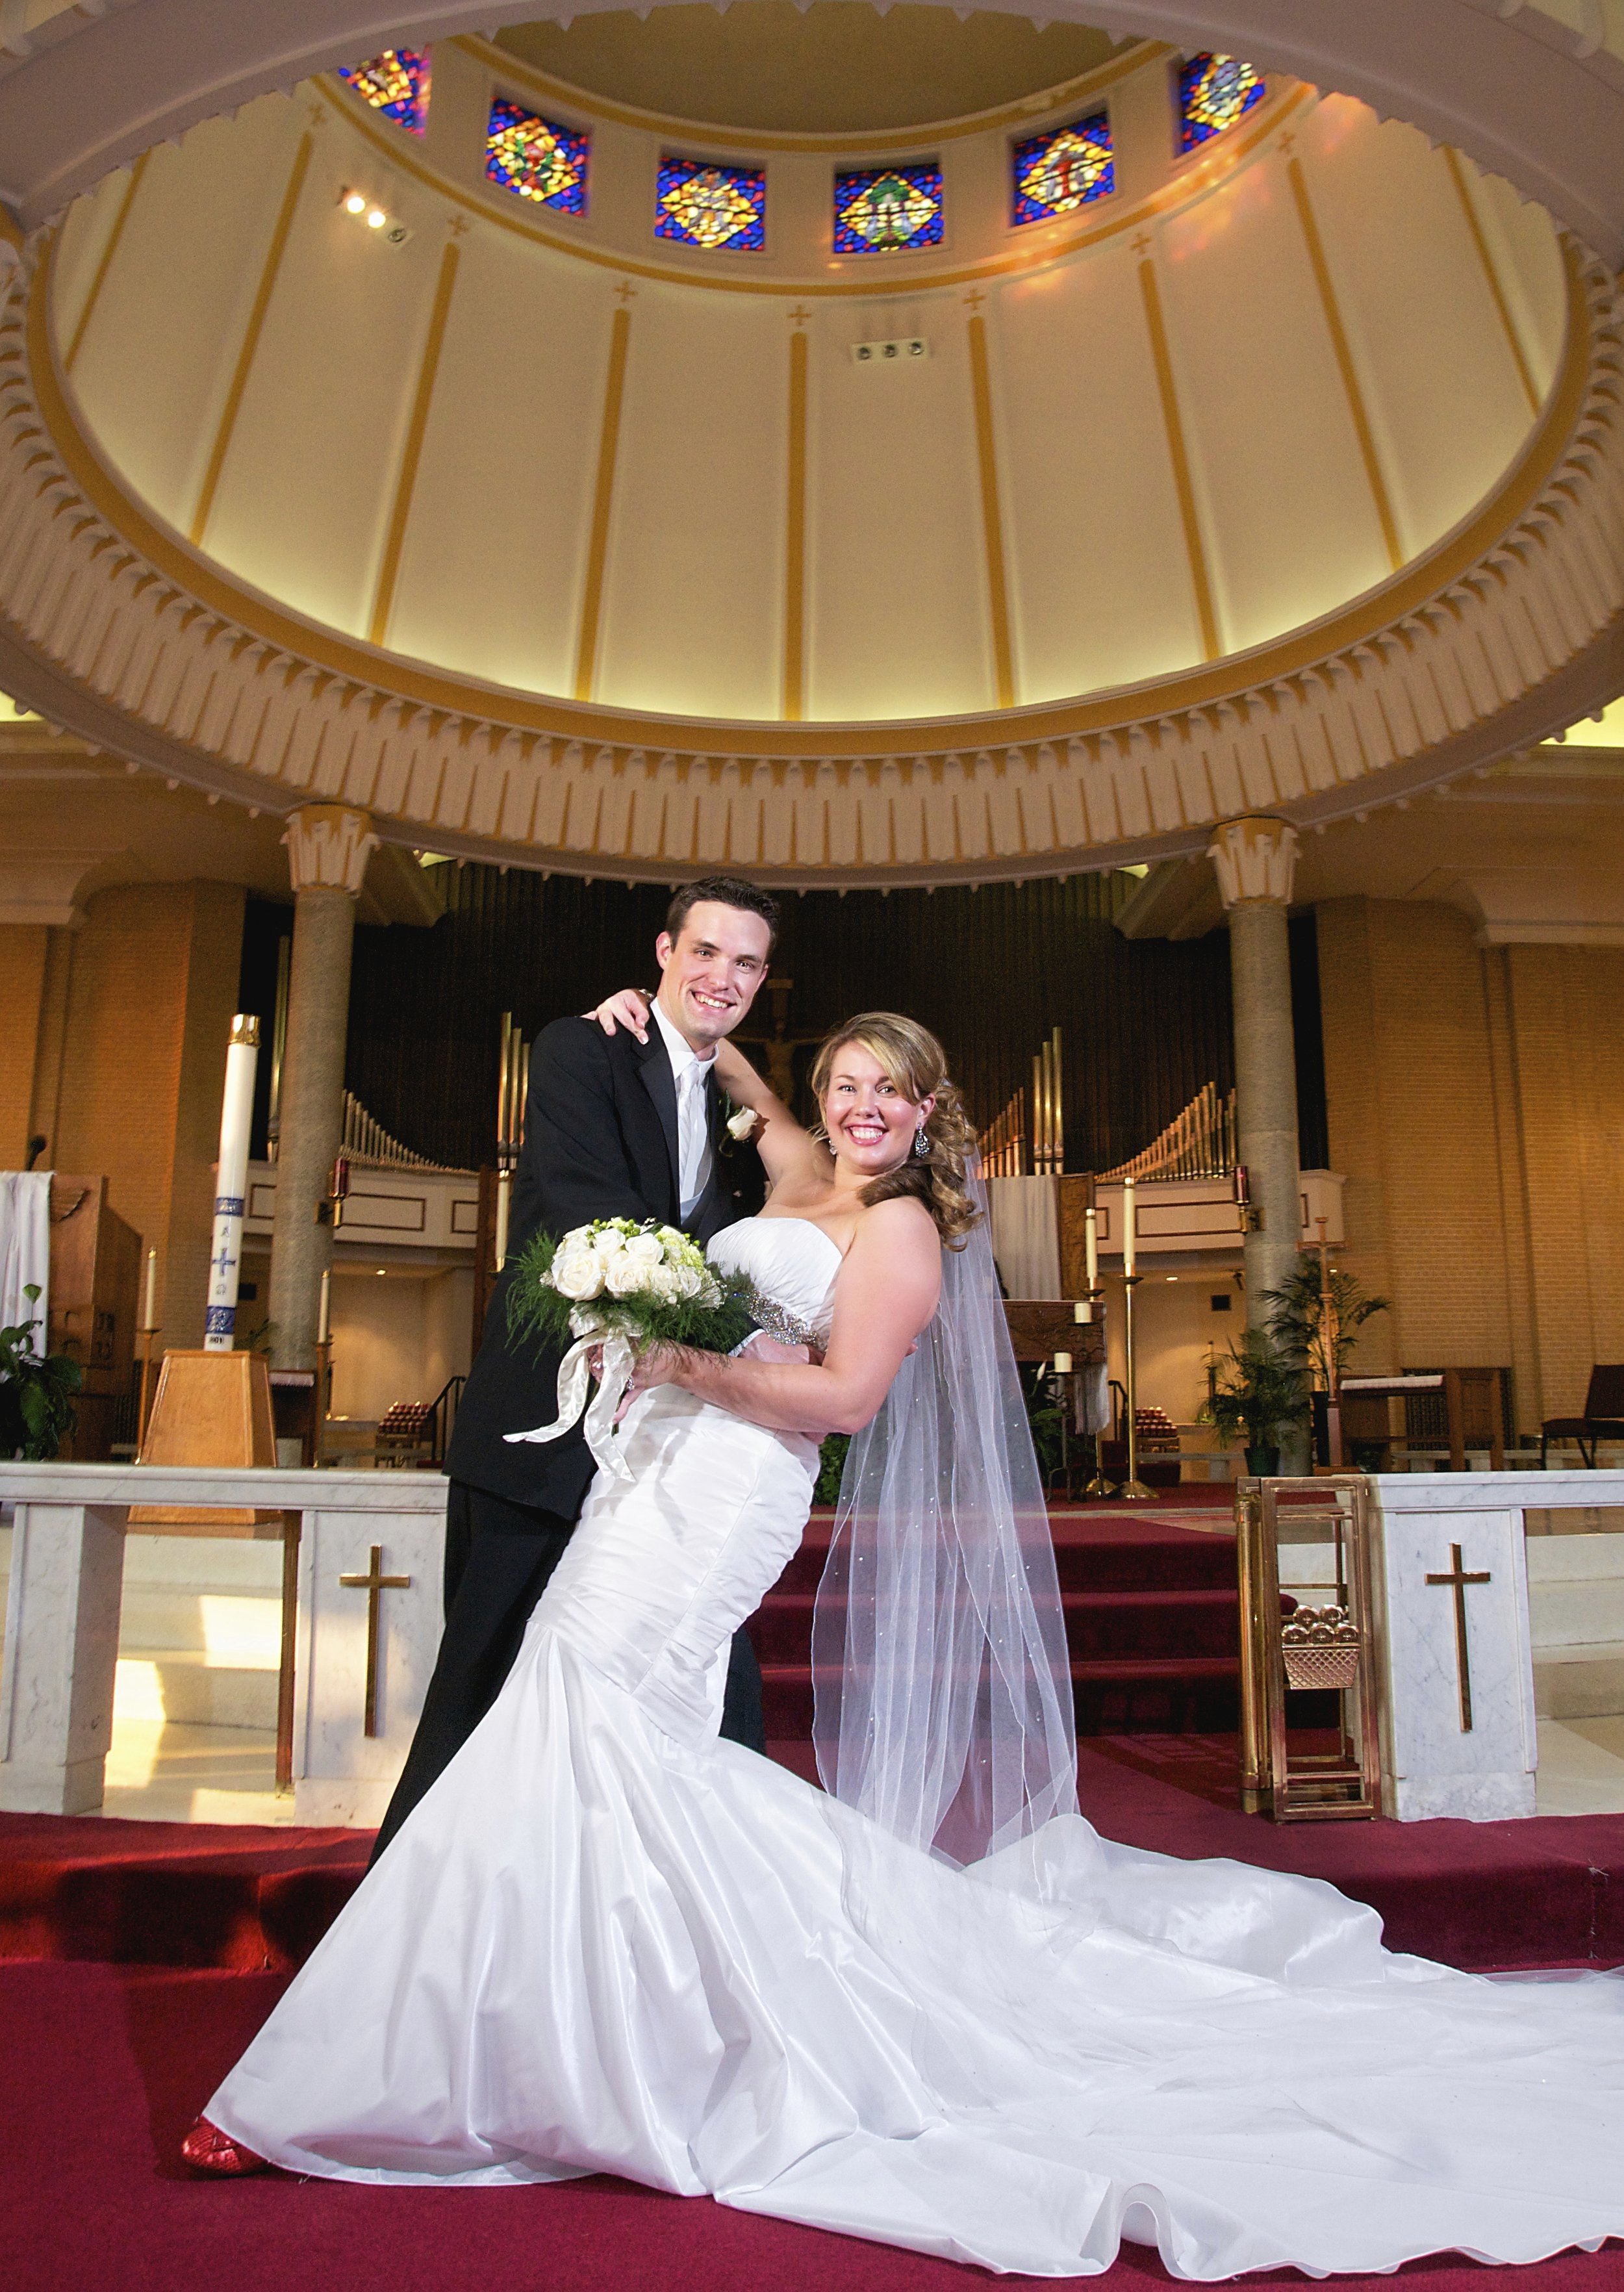 kelsey-brian-6-04-2011-wedding-23700.jpg